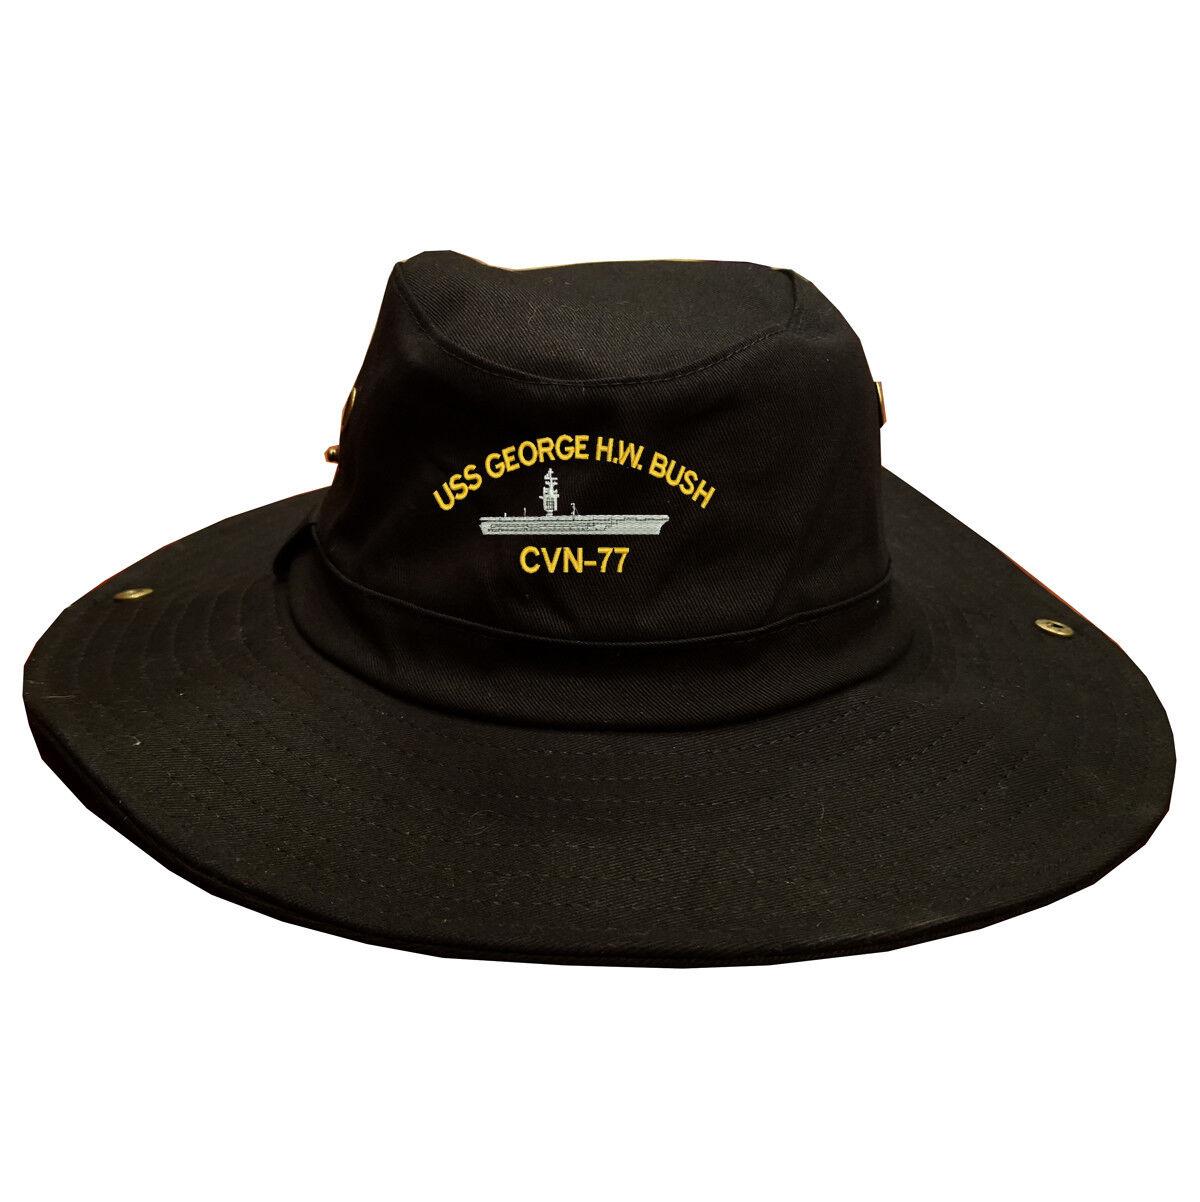 100% Cotton Boonie Bush Hiking Outdoor Hat USS USS Hat GEORGE H.W. BUSH CVN-77 BATTLE eeffbb